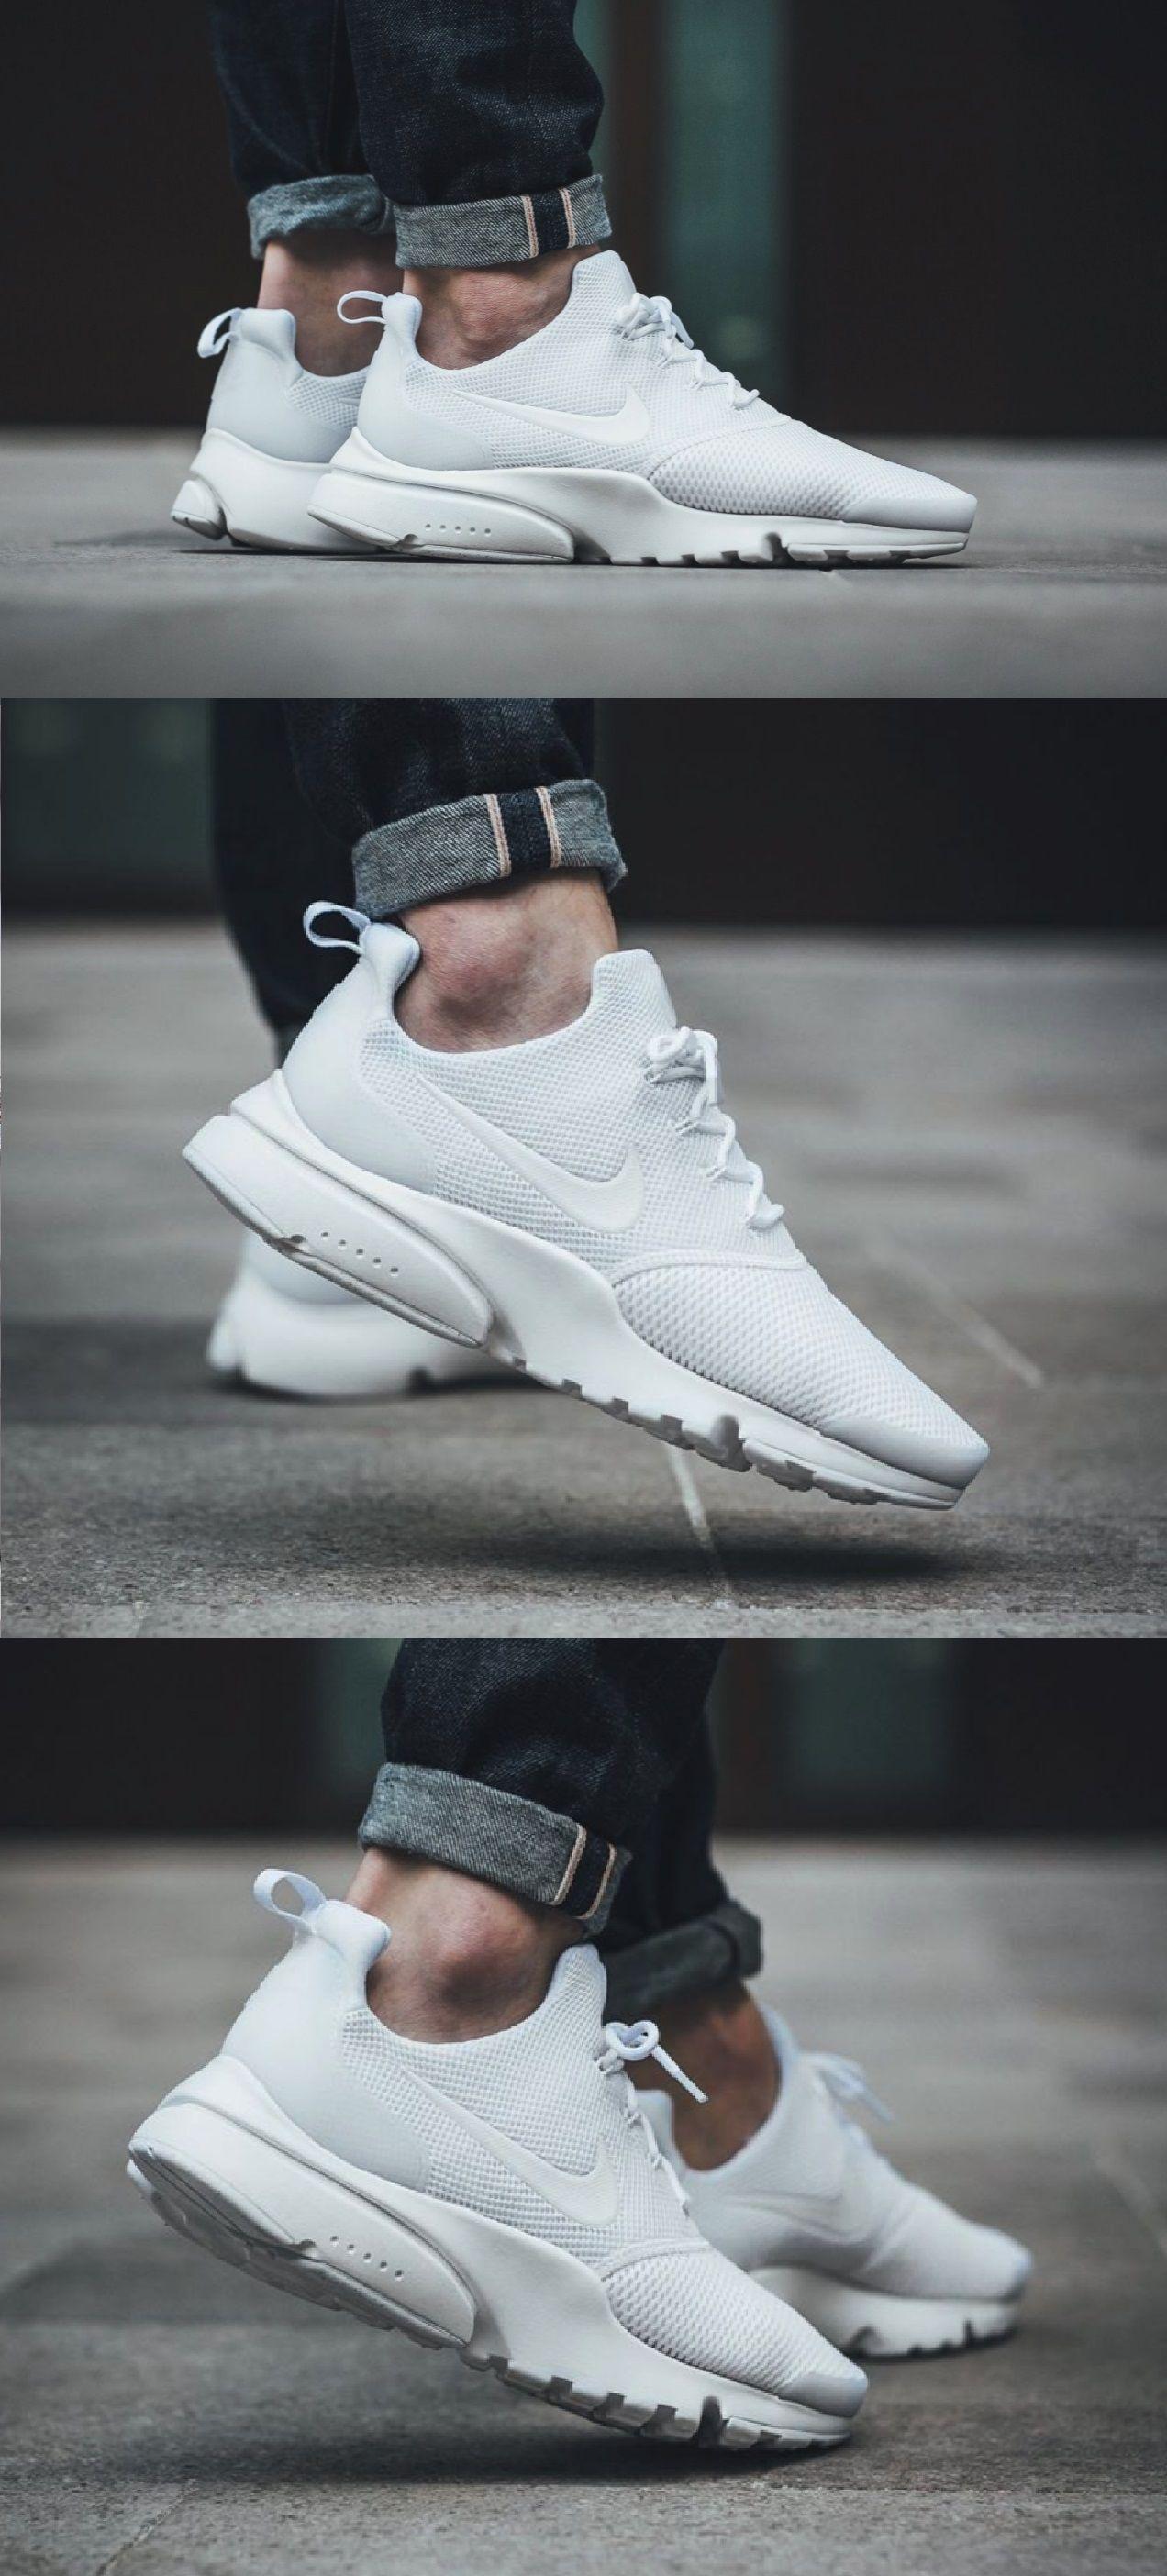 Nike Air Presto Fly Triplewhite Nike Schuhe Turnschuhe Schuhe